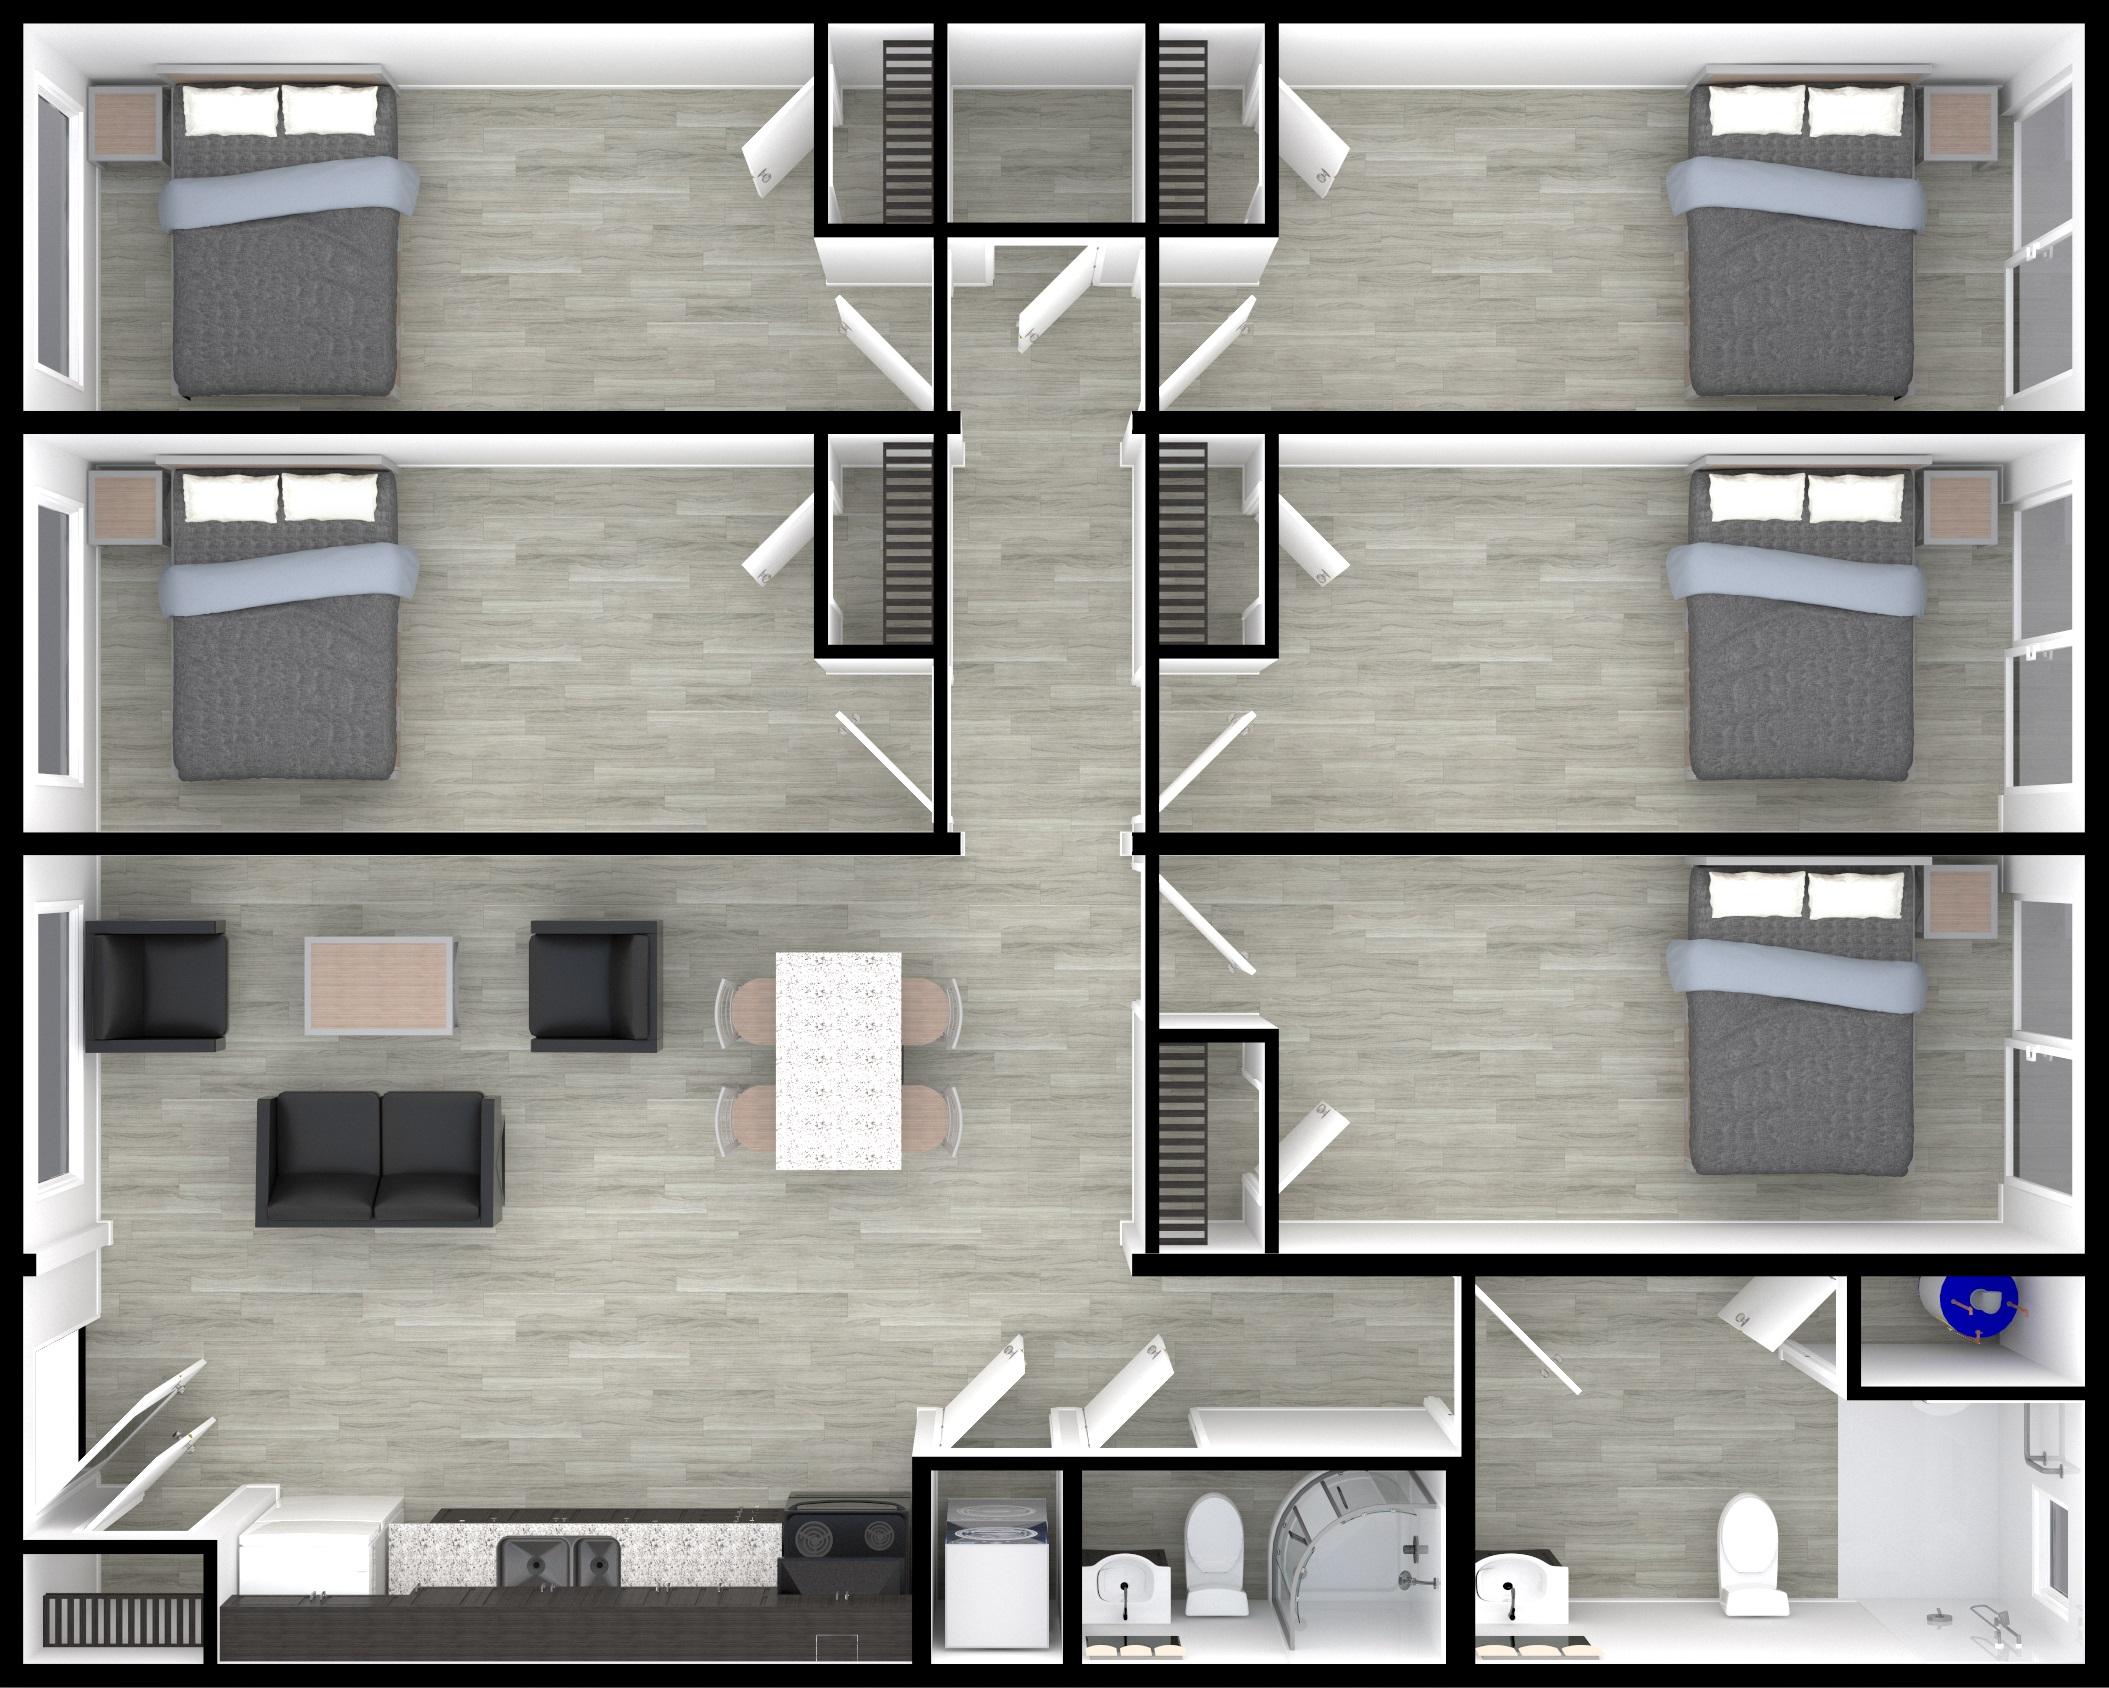 NOW Housing - Multibedroom (5 bed, 2 bath)